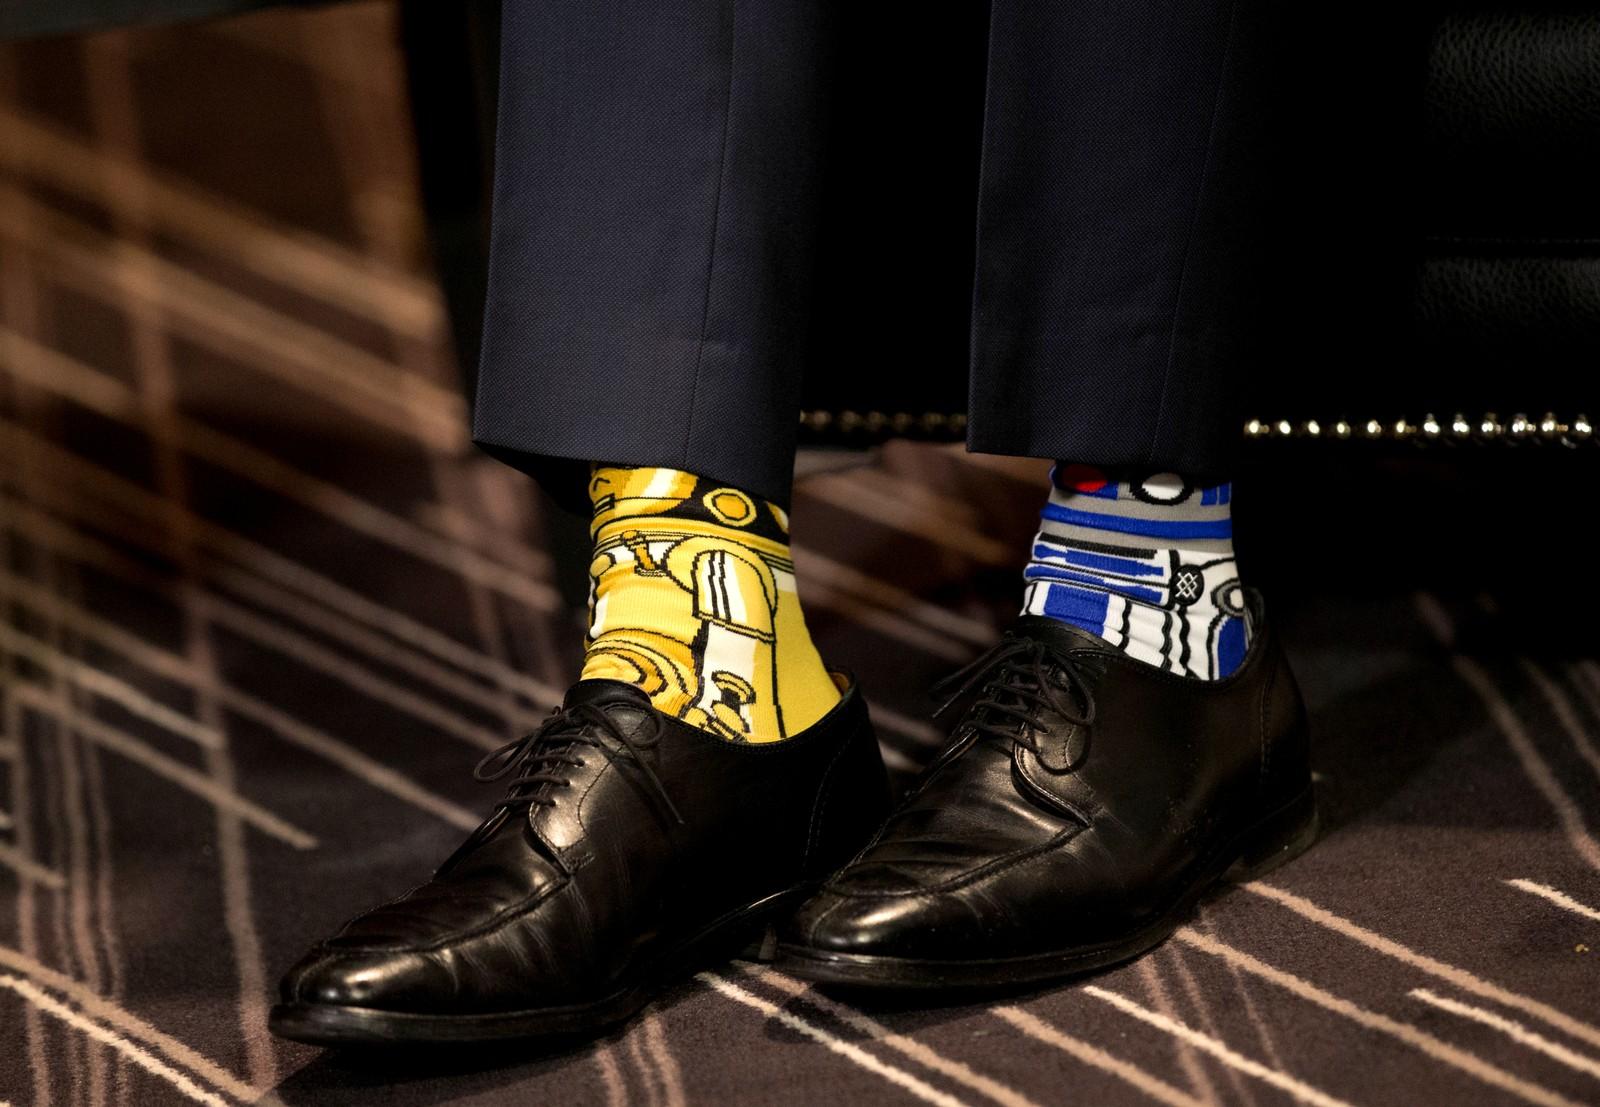 En statsminister med sans for Star Wars. Canadiske Justin Trudeau hadde pyntet seg før møtet med den irske statsministeren Enda Kenny.